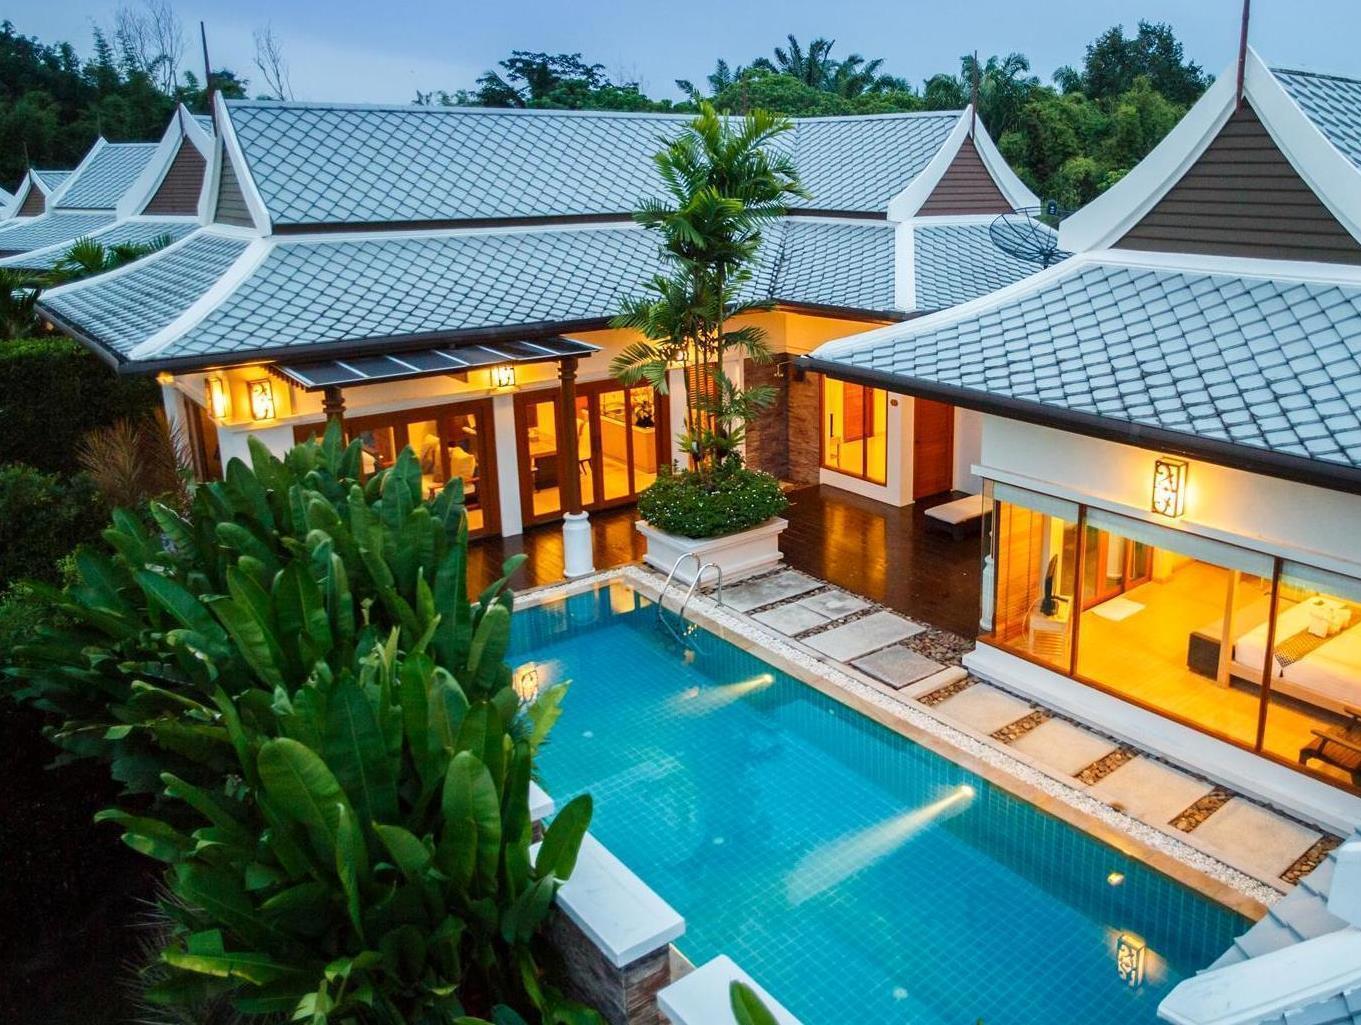 Pimann Buri Pool Villas Ao Nang Krabi พิมานบุรี พูล วิลลา อ่าวนาง กระบี่